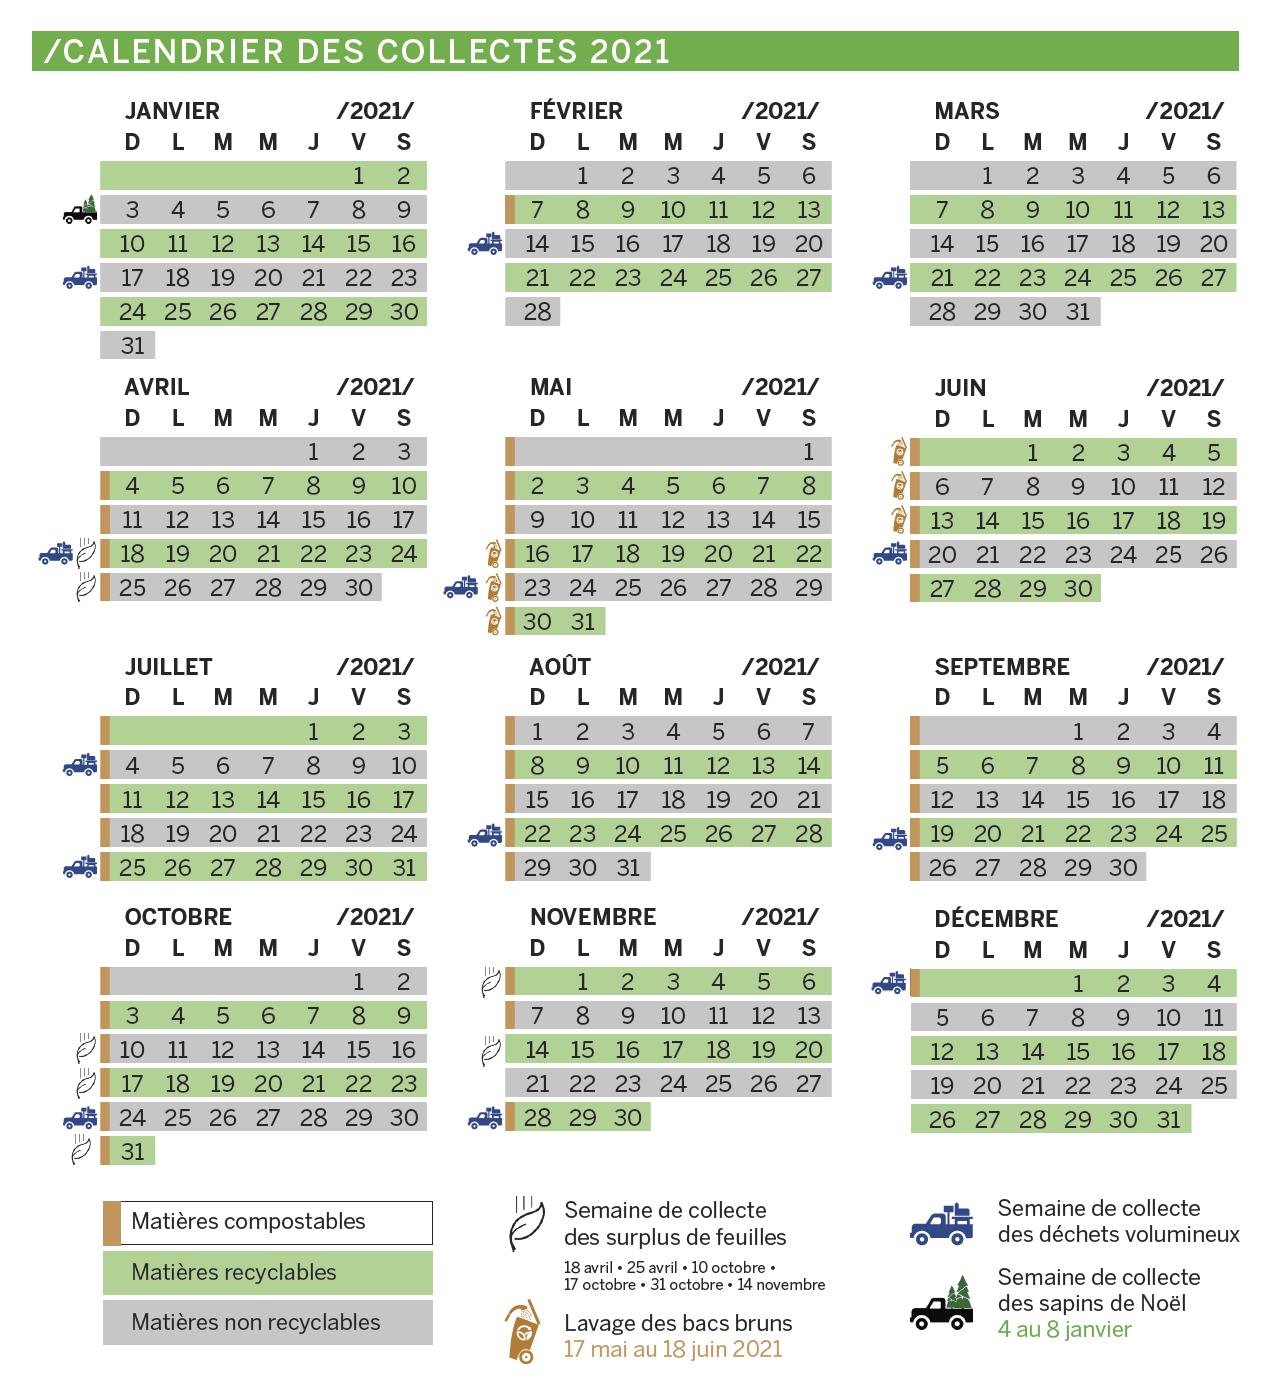 Calendrier des collectes de matières 2021 de la Ville de Victoriaville